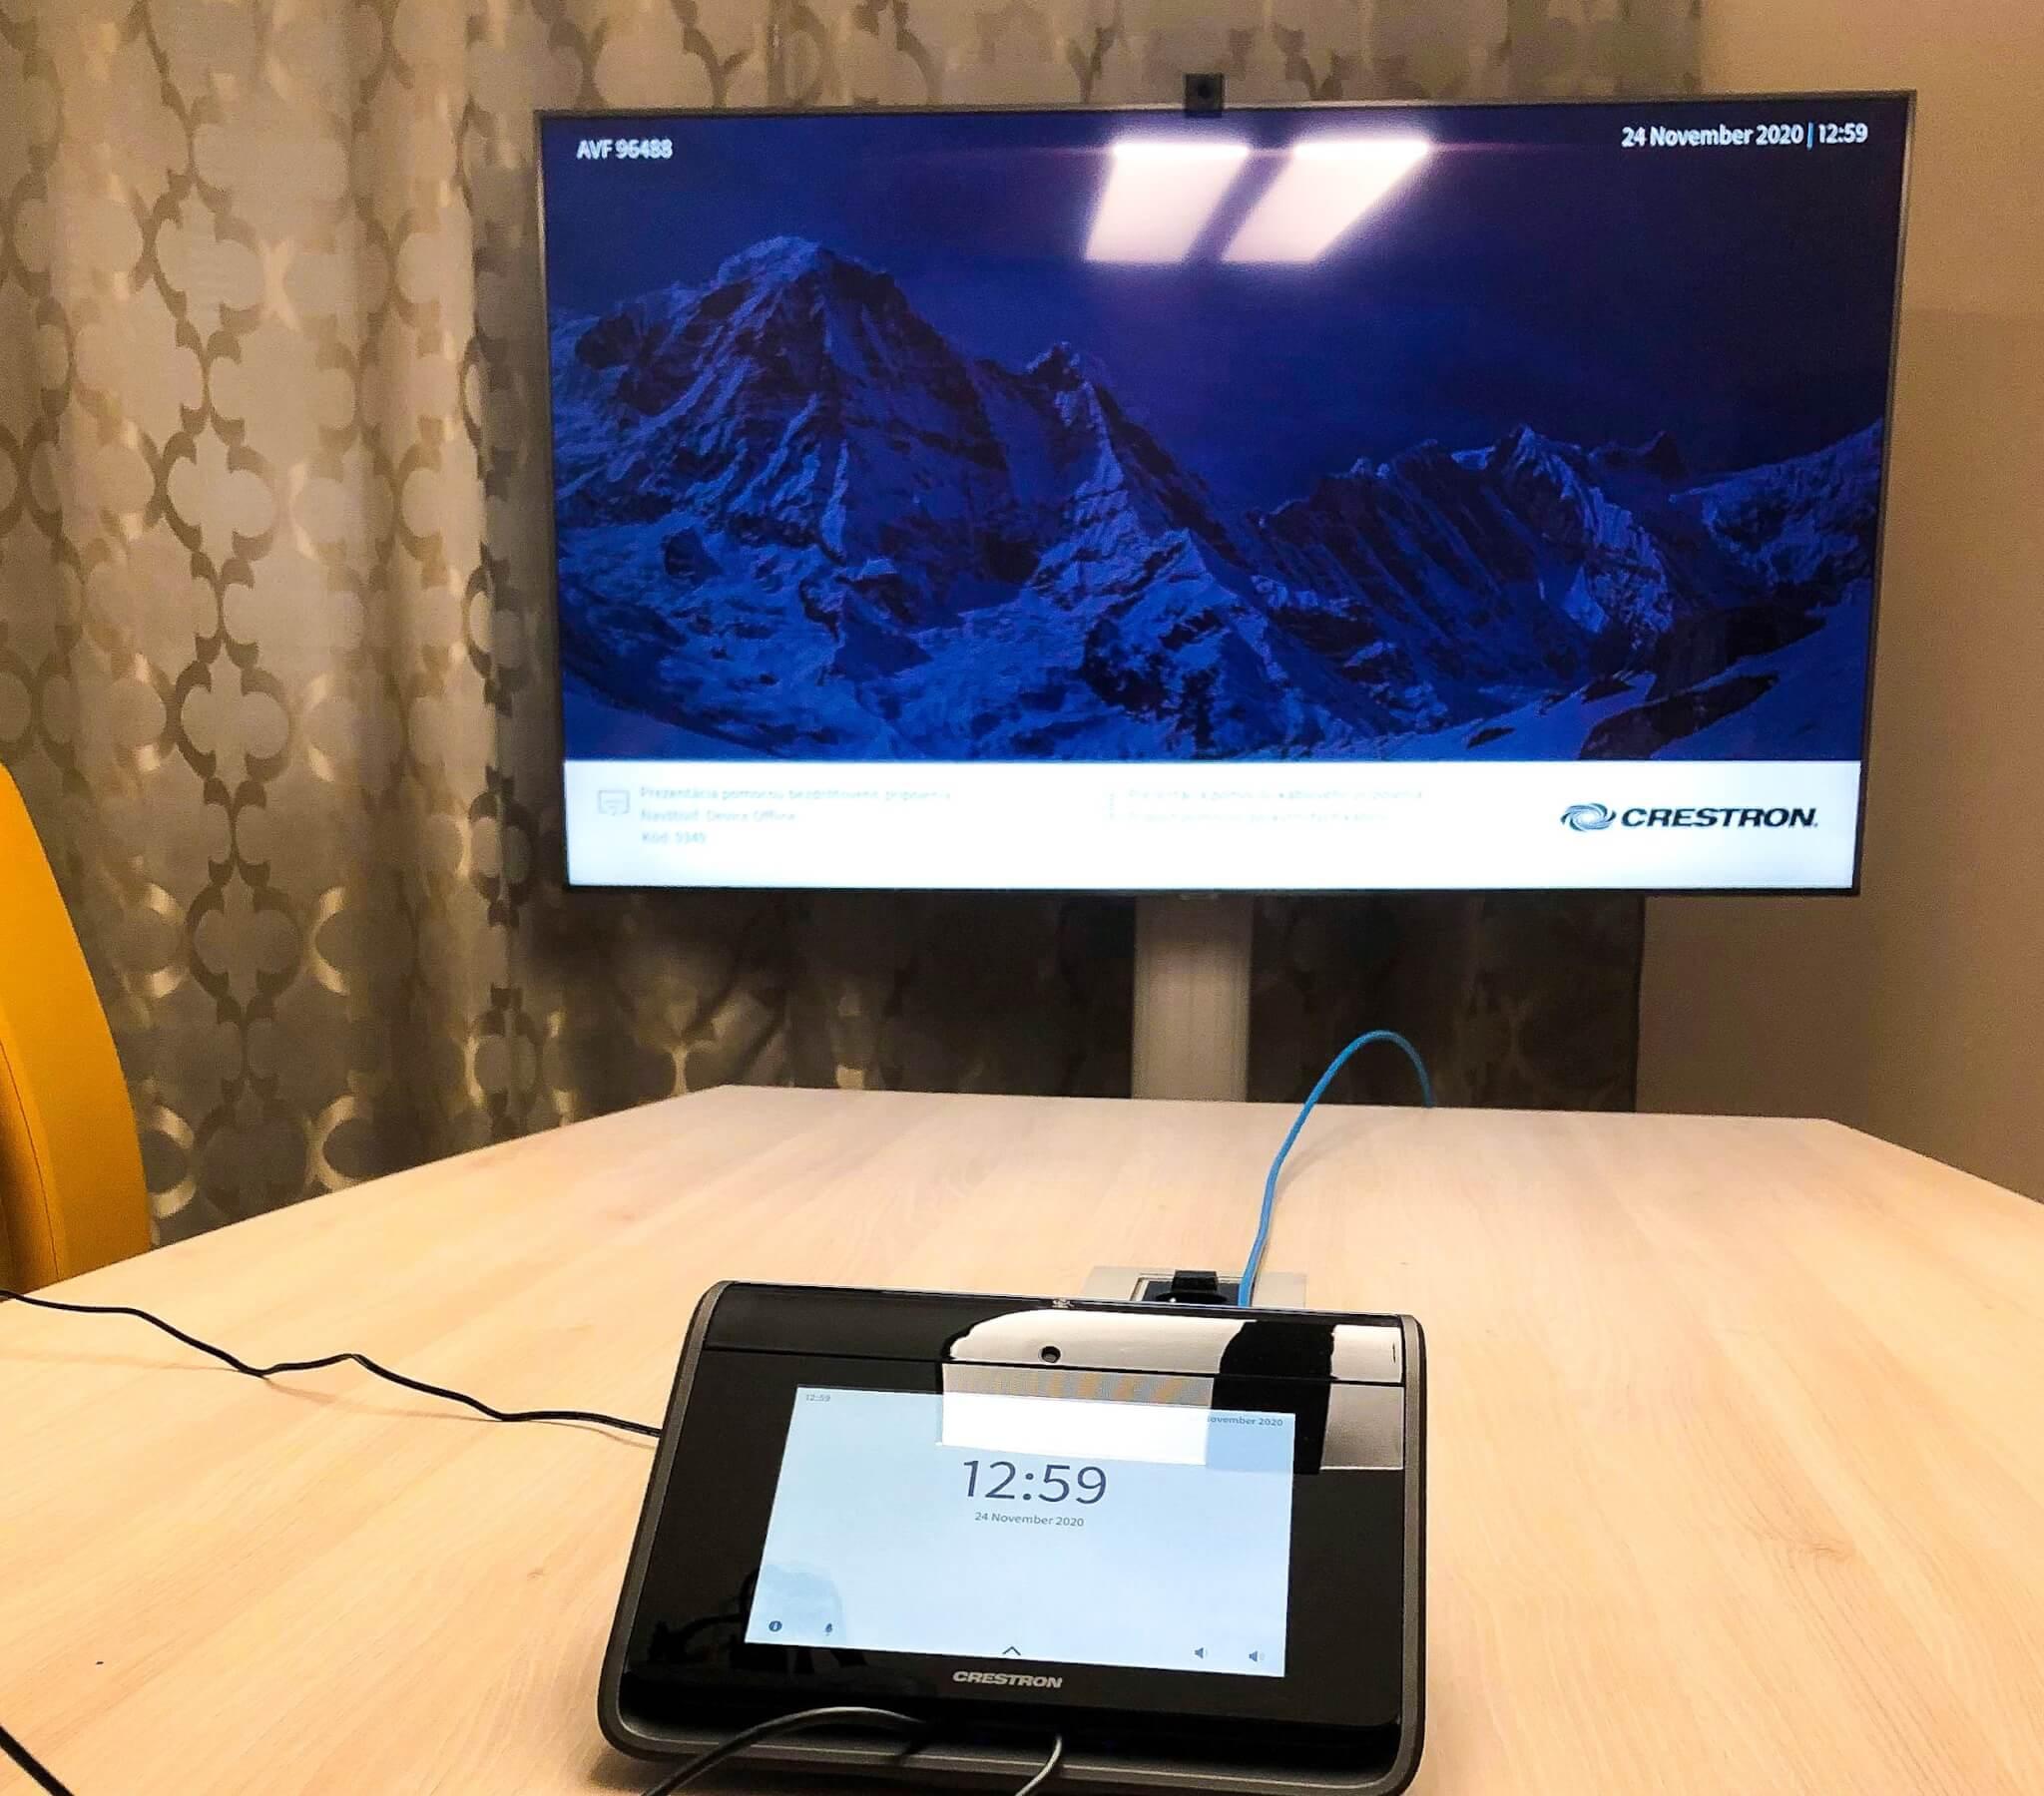 MediaTech-Crestron-meeting-room